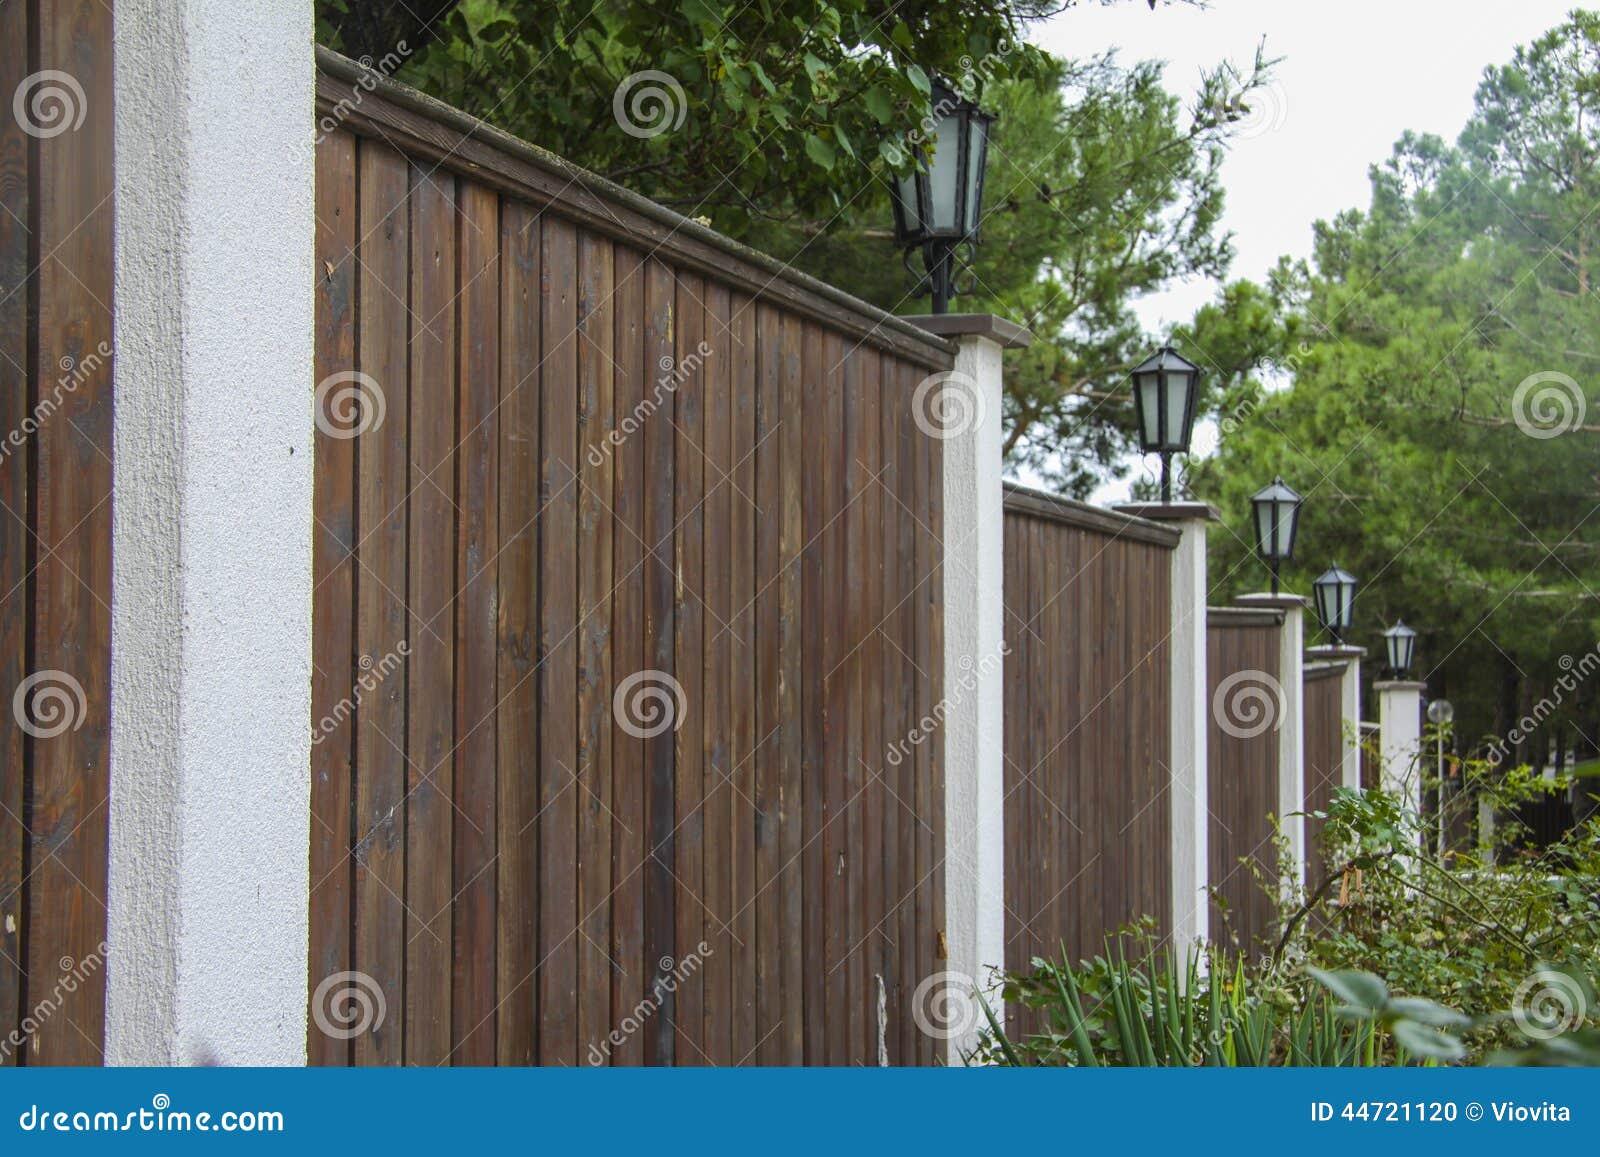 Elegant Gate And Fence On House Entrance Stock Photo - Image: 44721120